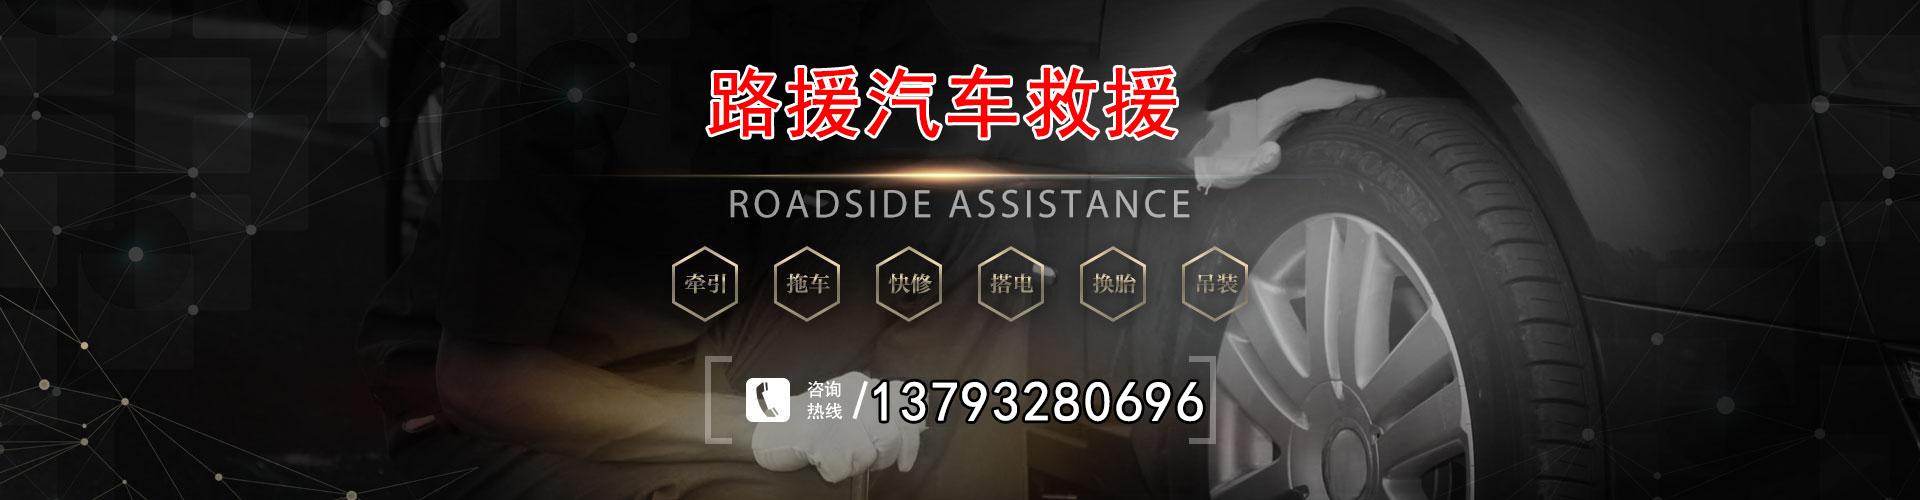 黄岛汽车救援,黄岛道路救援,黄岛拖车救援